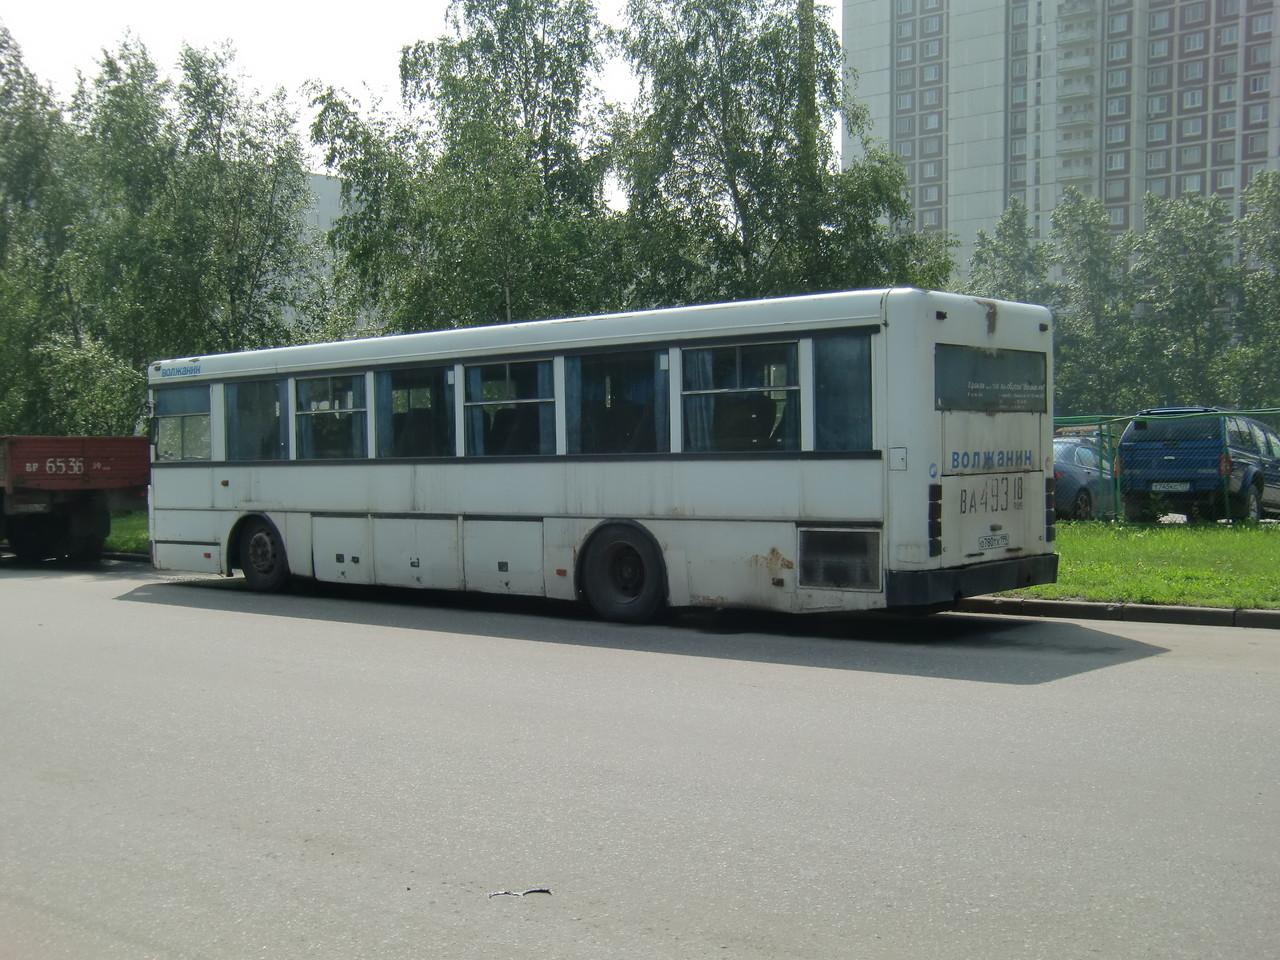 За 10 лет эксплуатации автобус сохранил родную окраску